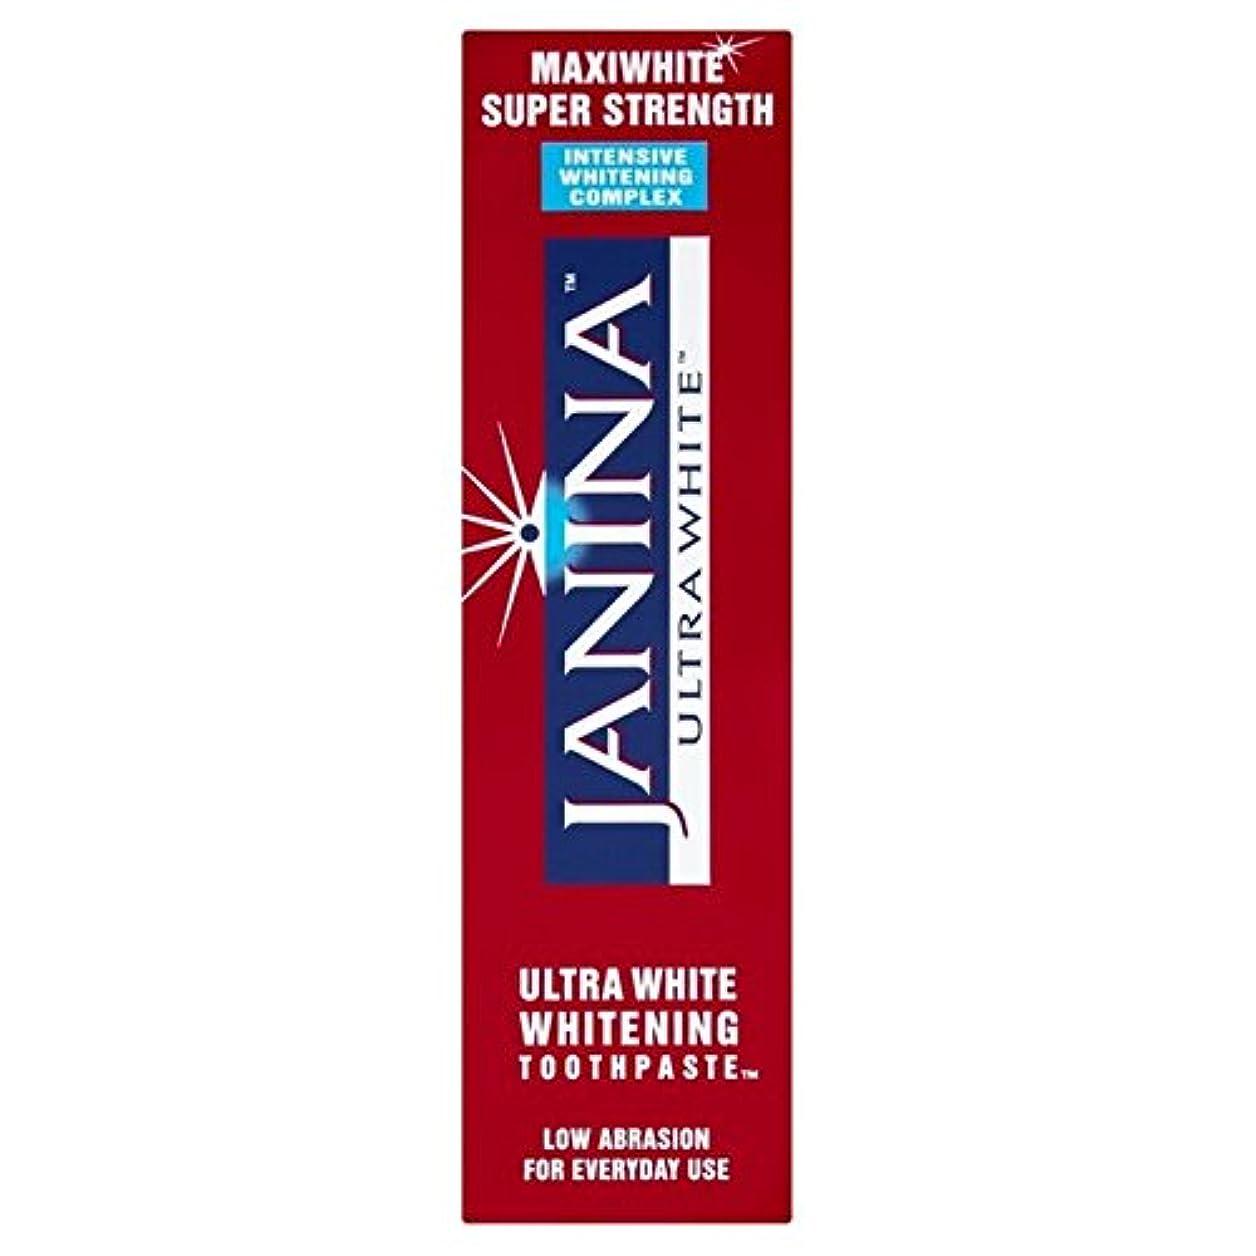 鳴り響く耐久アブストラクトジャニナのの集中美白75ミリリットル x2 - Janina Ultrawhite Maxiwhite Intensive Whitening 75ml (Pack of 2) [並行輸入品]